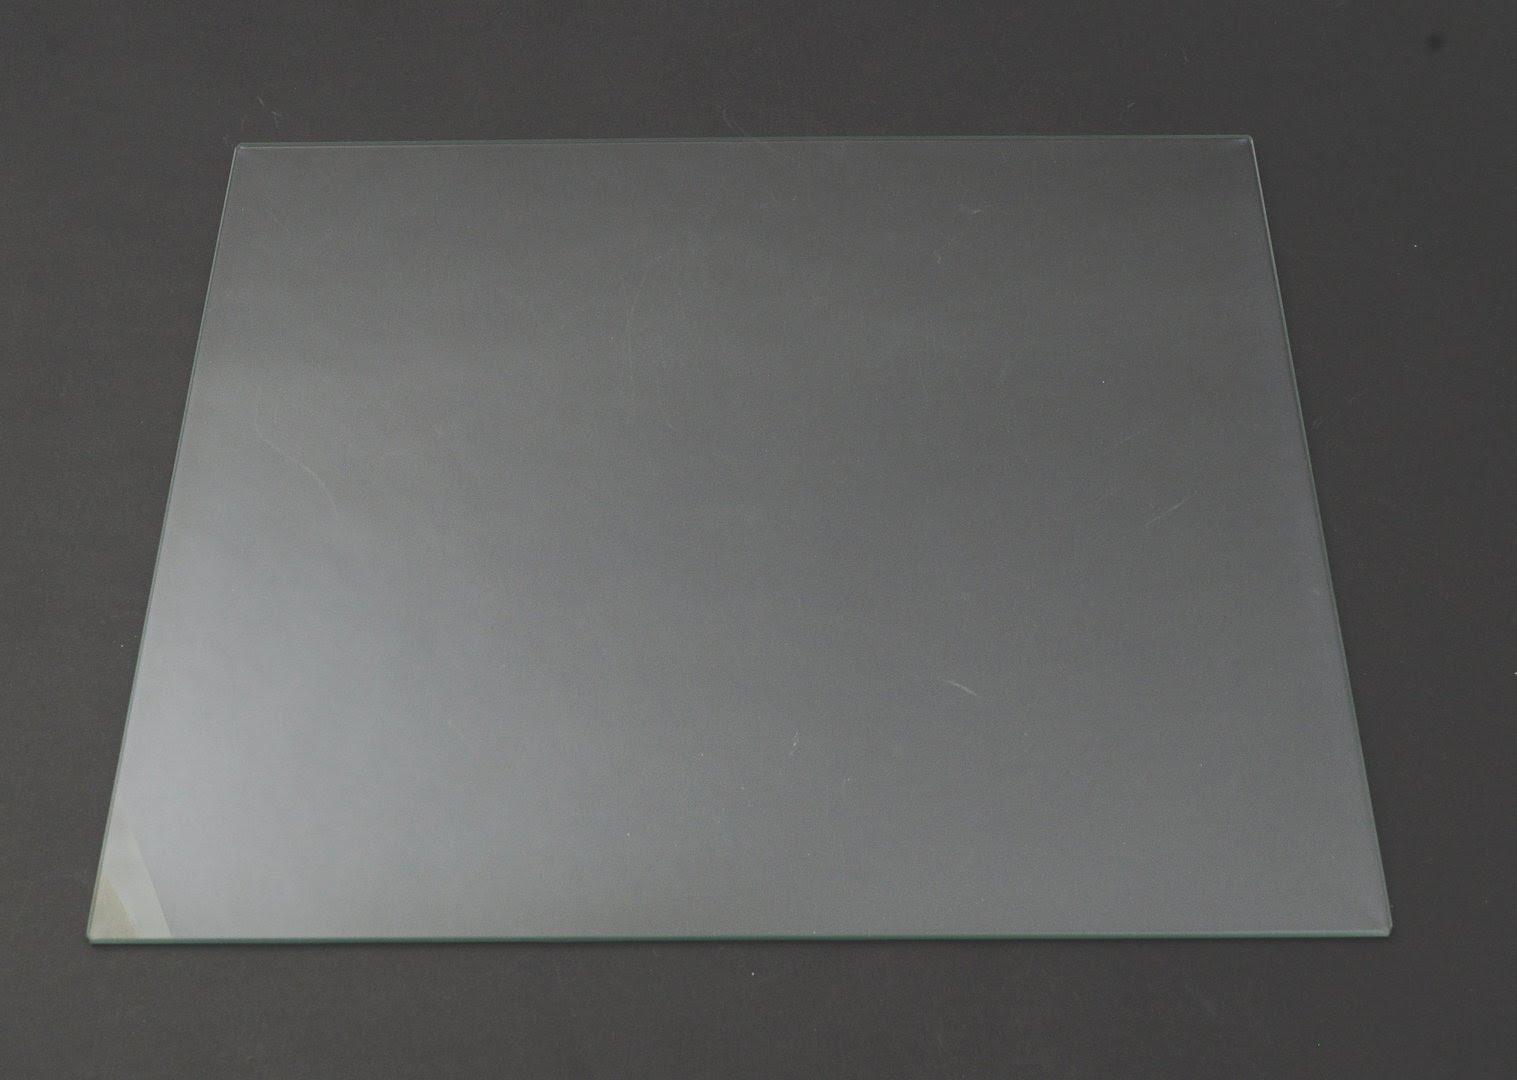 Liebherr obere Glasplatte 394x357x3mm für Gefrierschrank